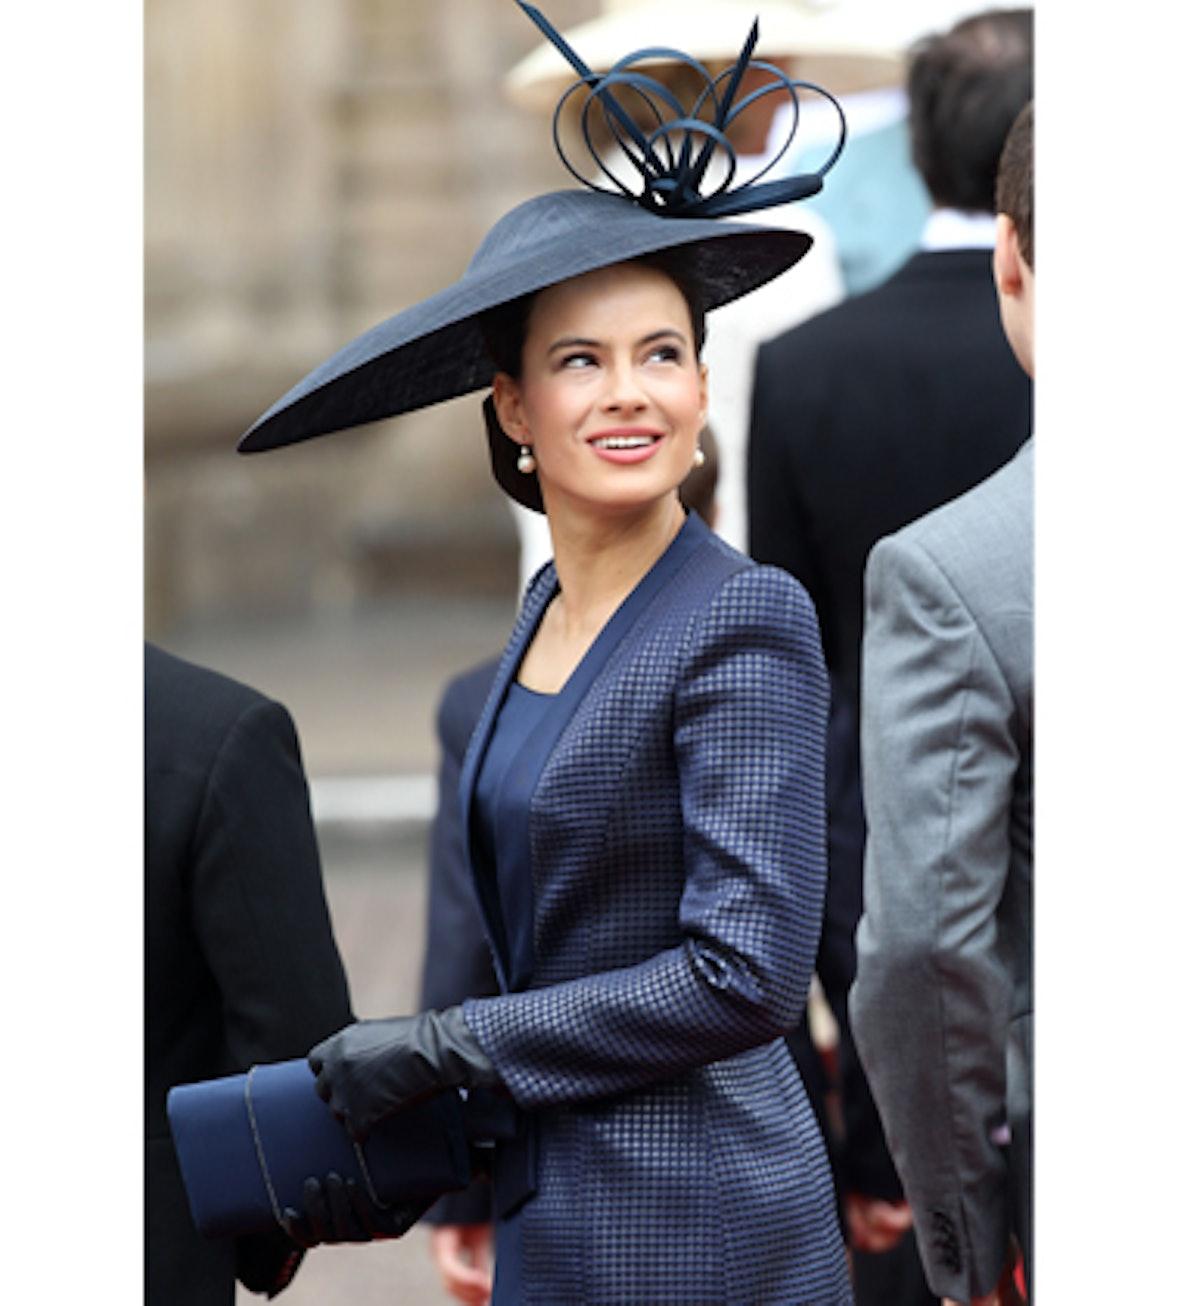 blog-royal-wedding-best-dressed-08.jpg